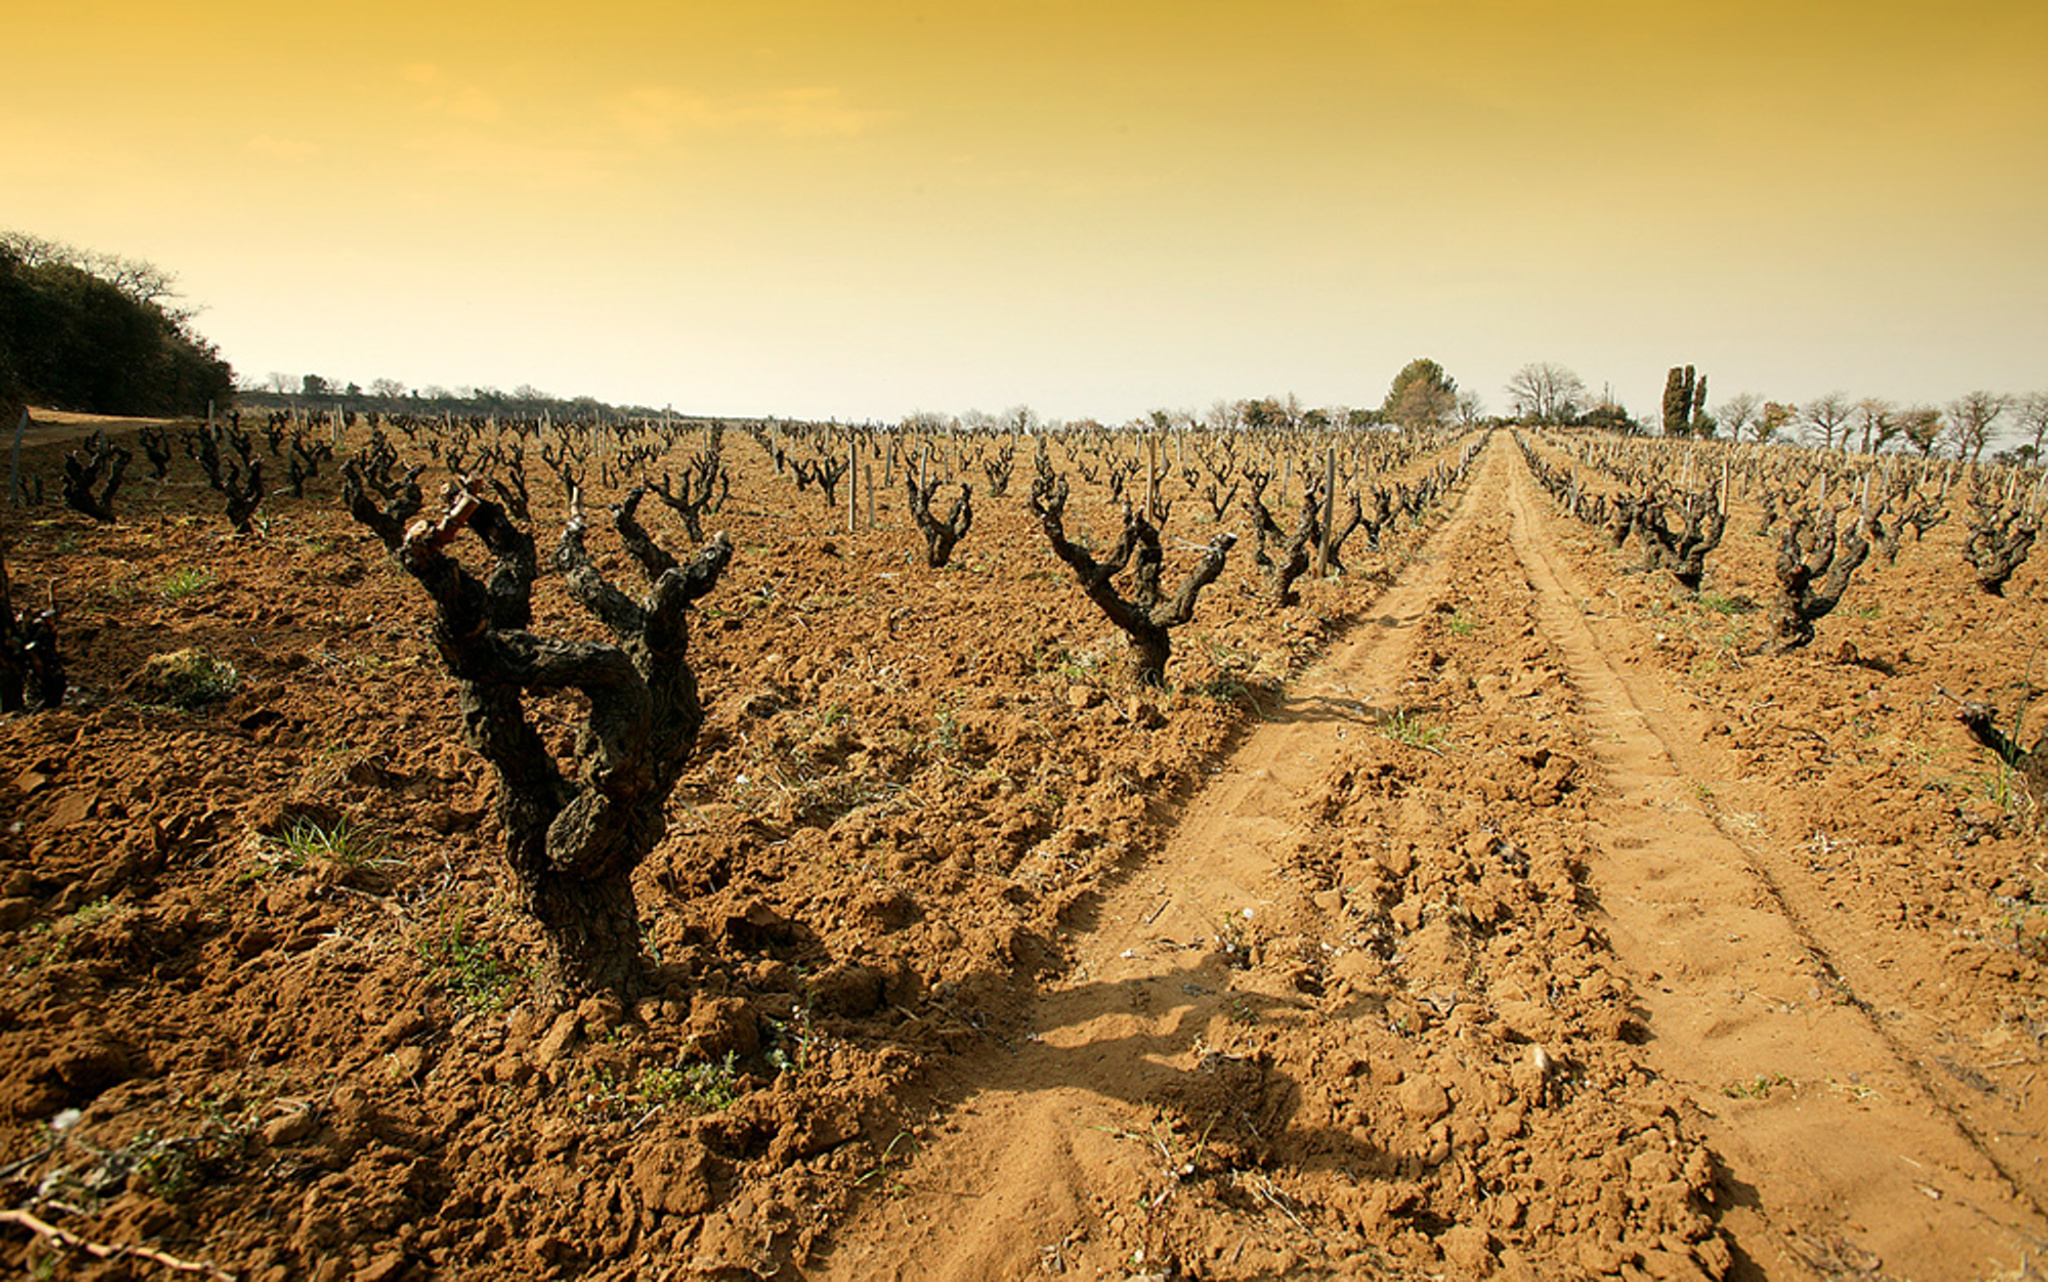 Rayas特别的沙质土壤